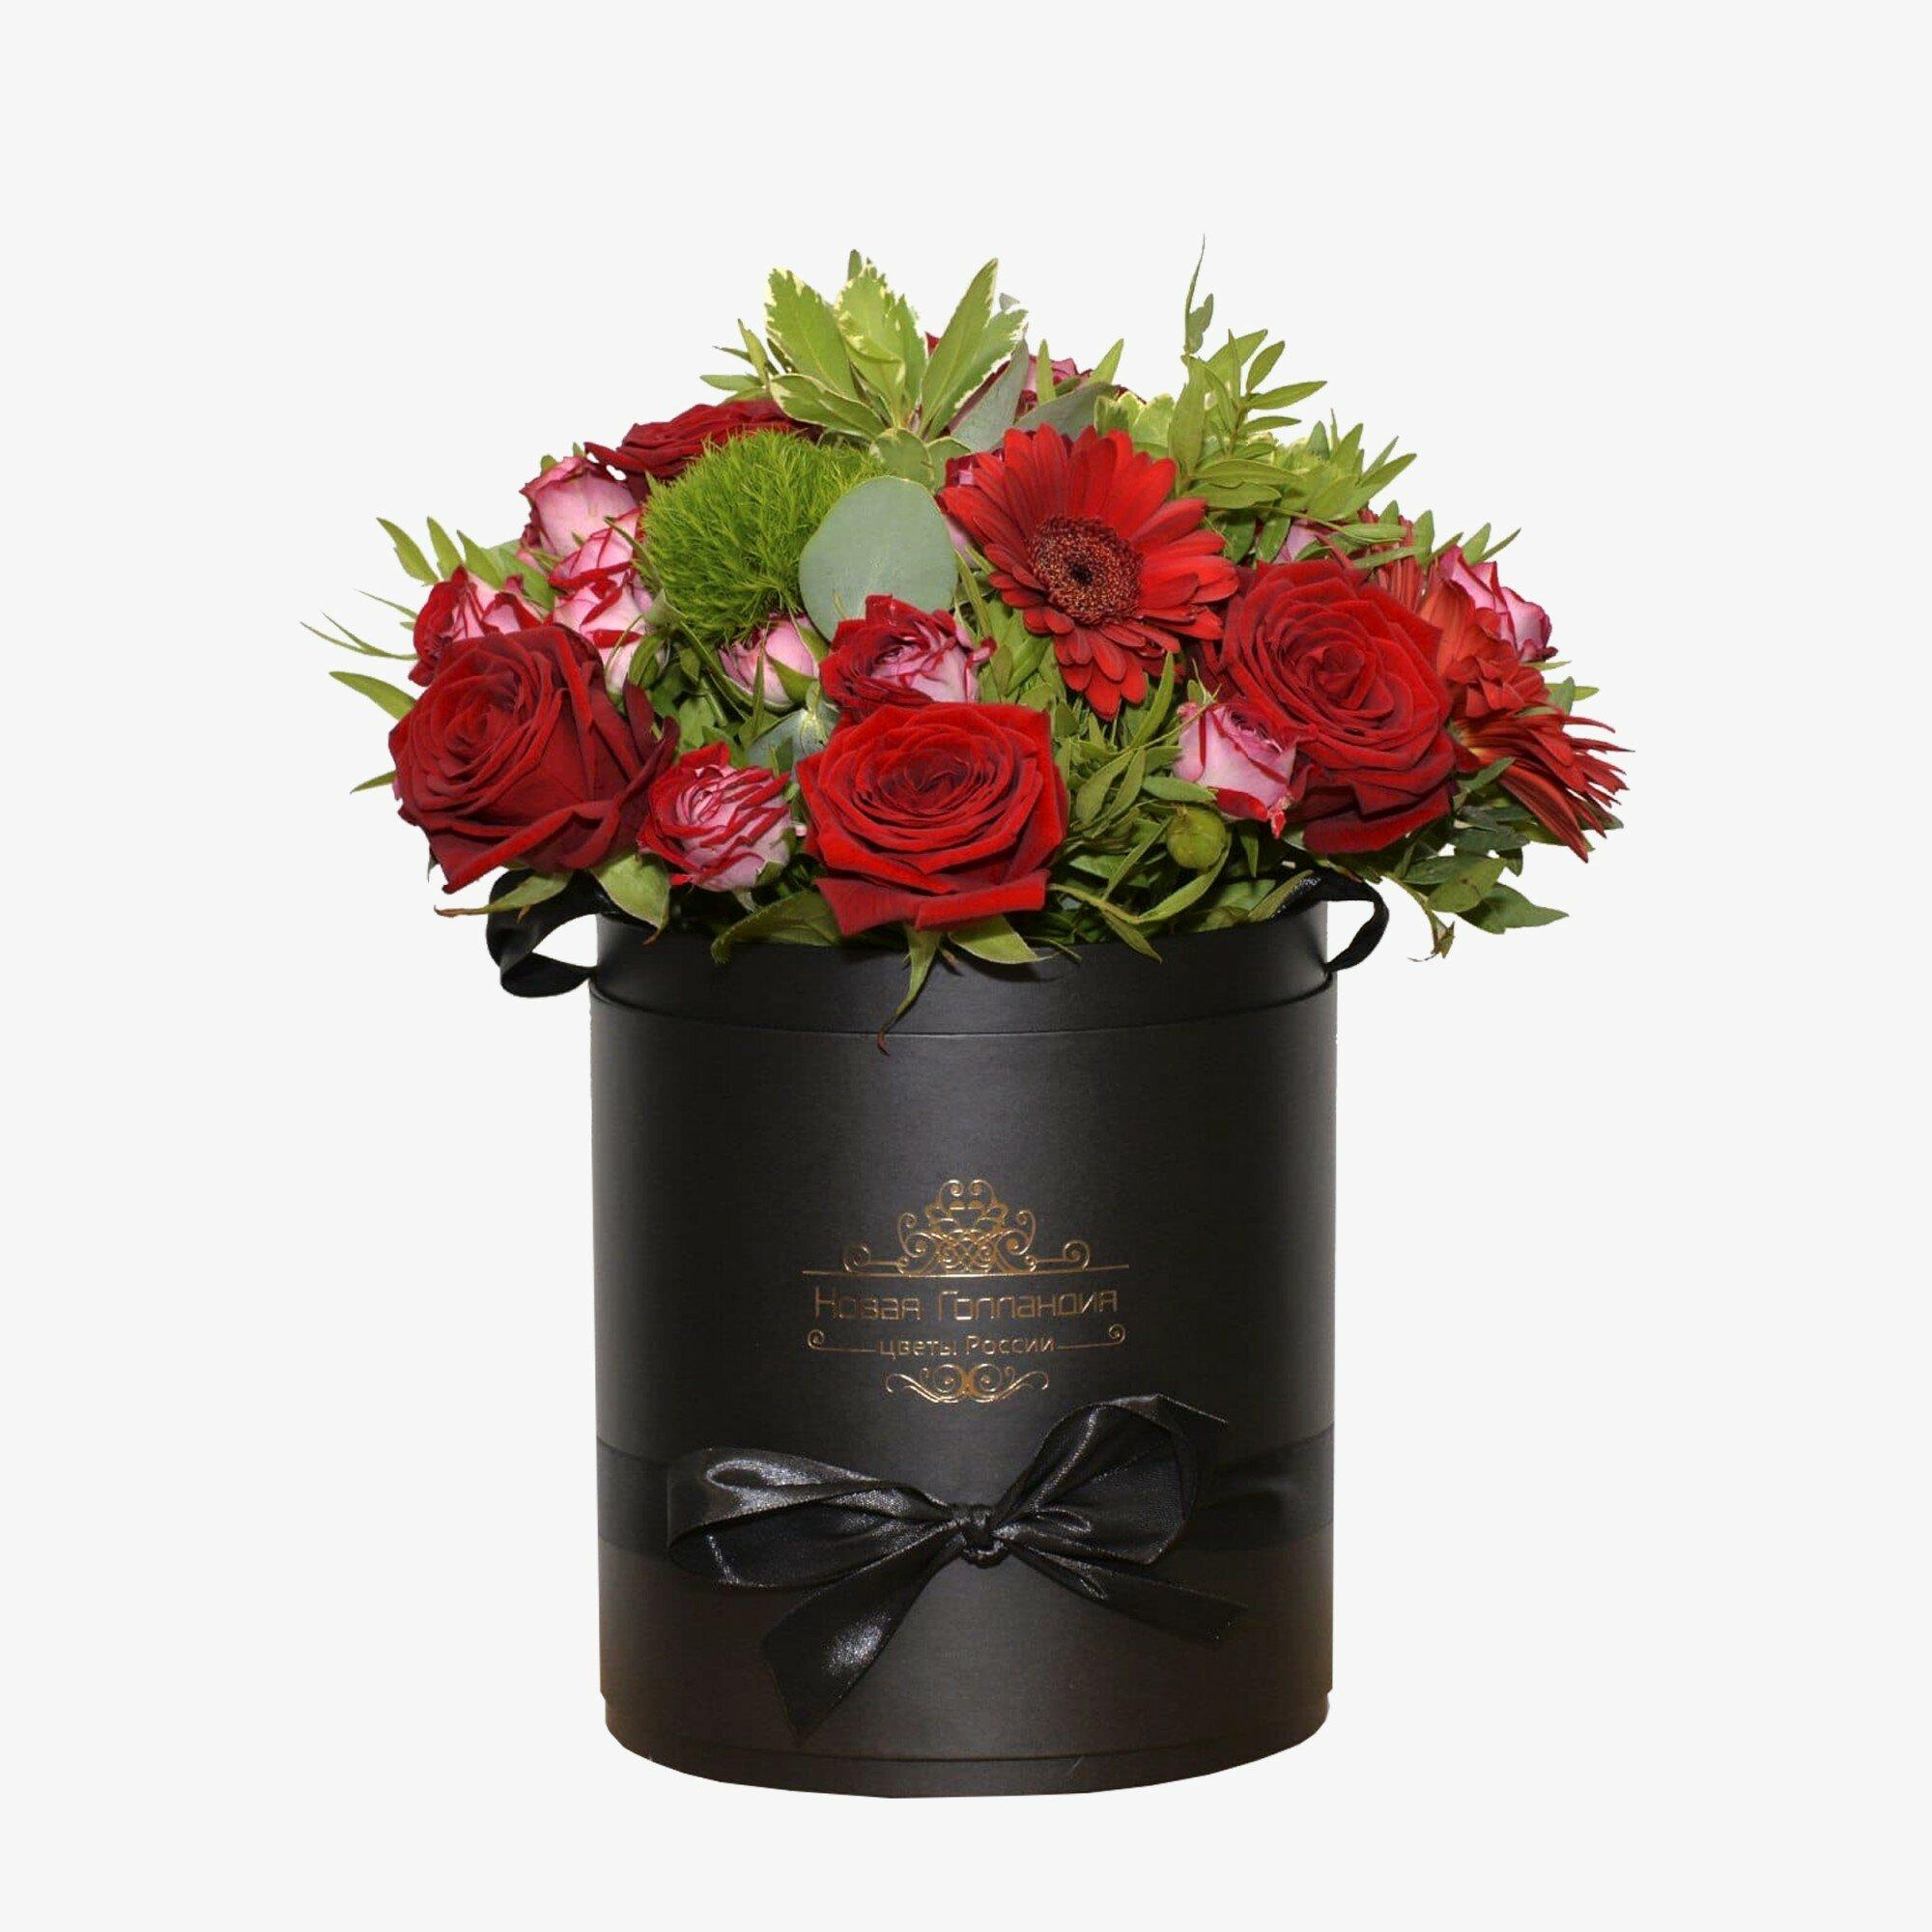 Доставка цветов обнинск круглосуточно, букет орхидей